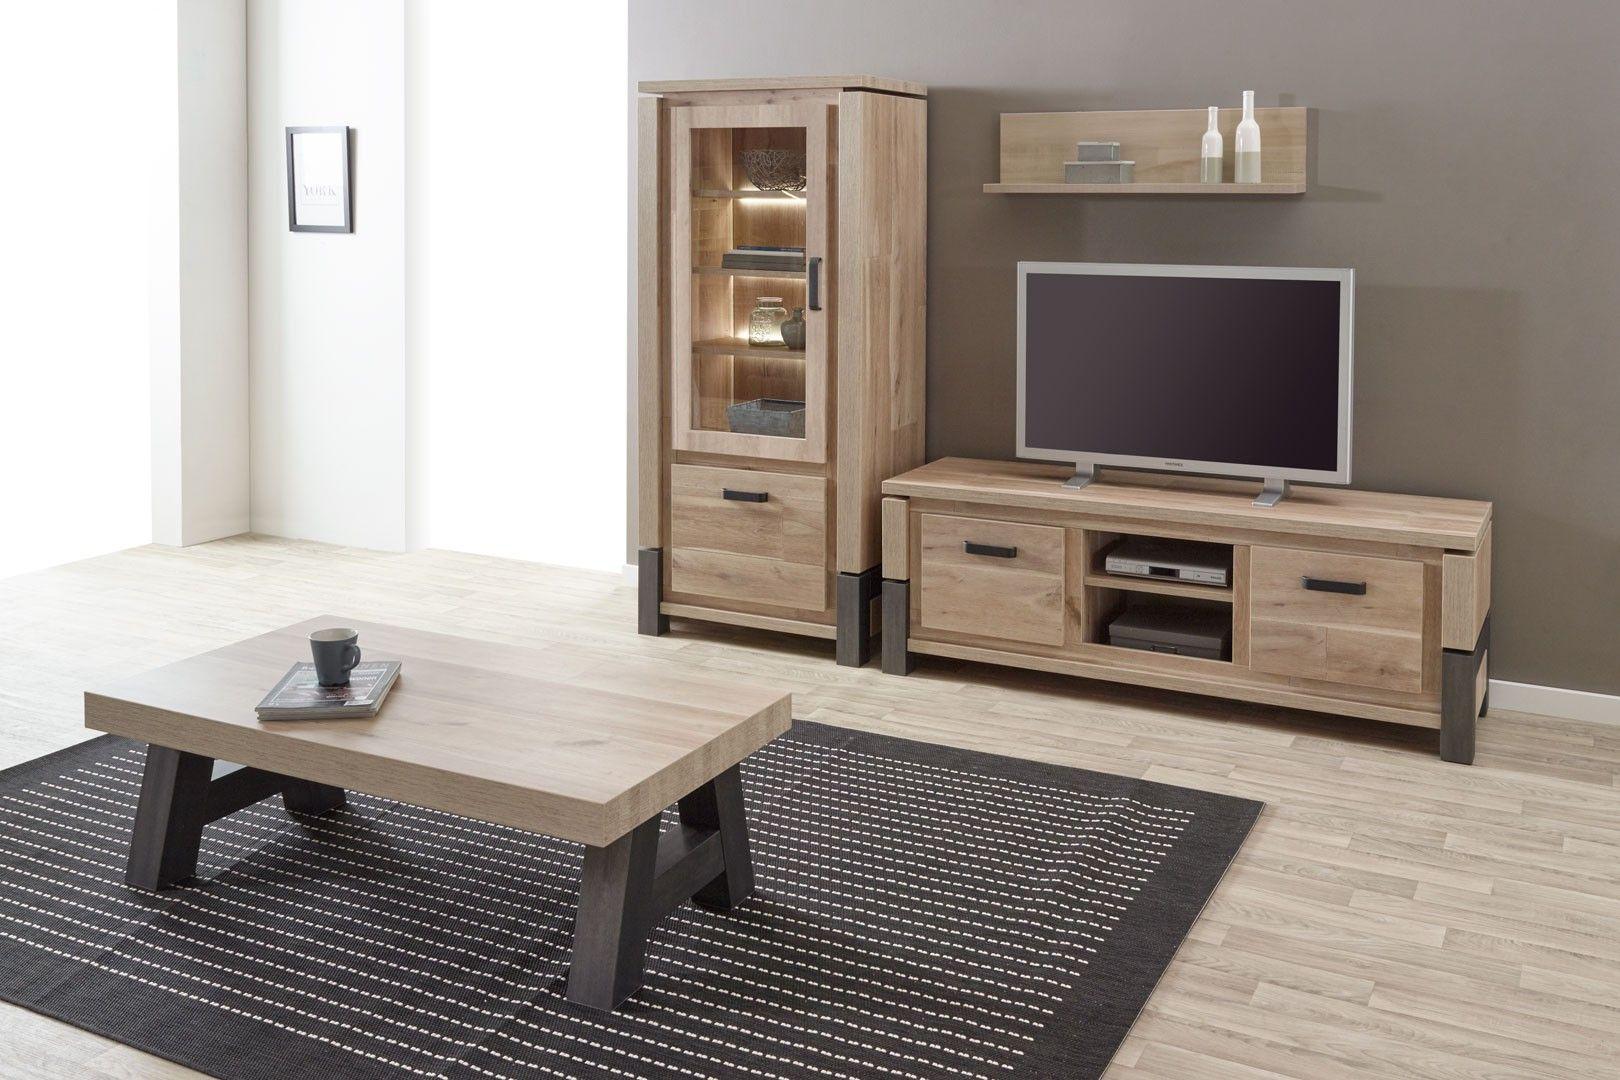 Meuble Tv Table Basse Assorti meuble tv contemporain 166 cm coloris vieux chêne/anthracite